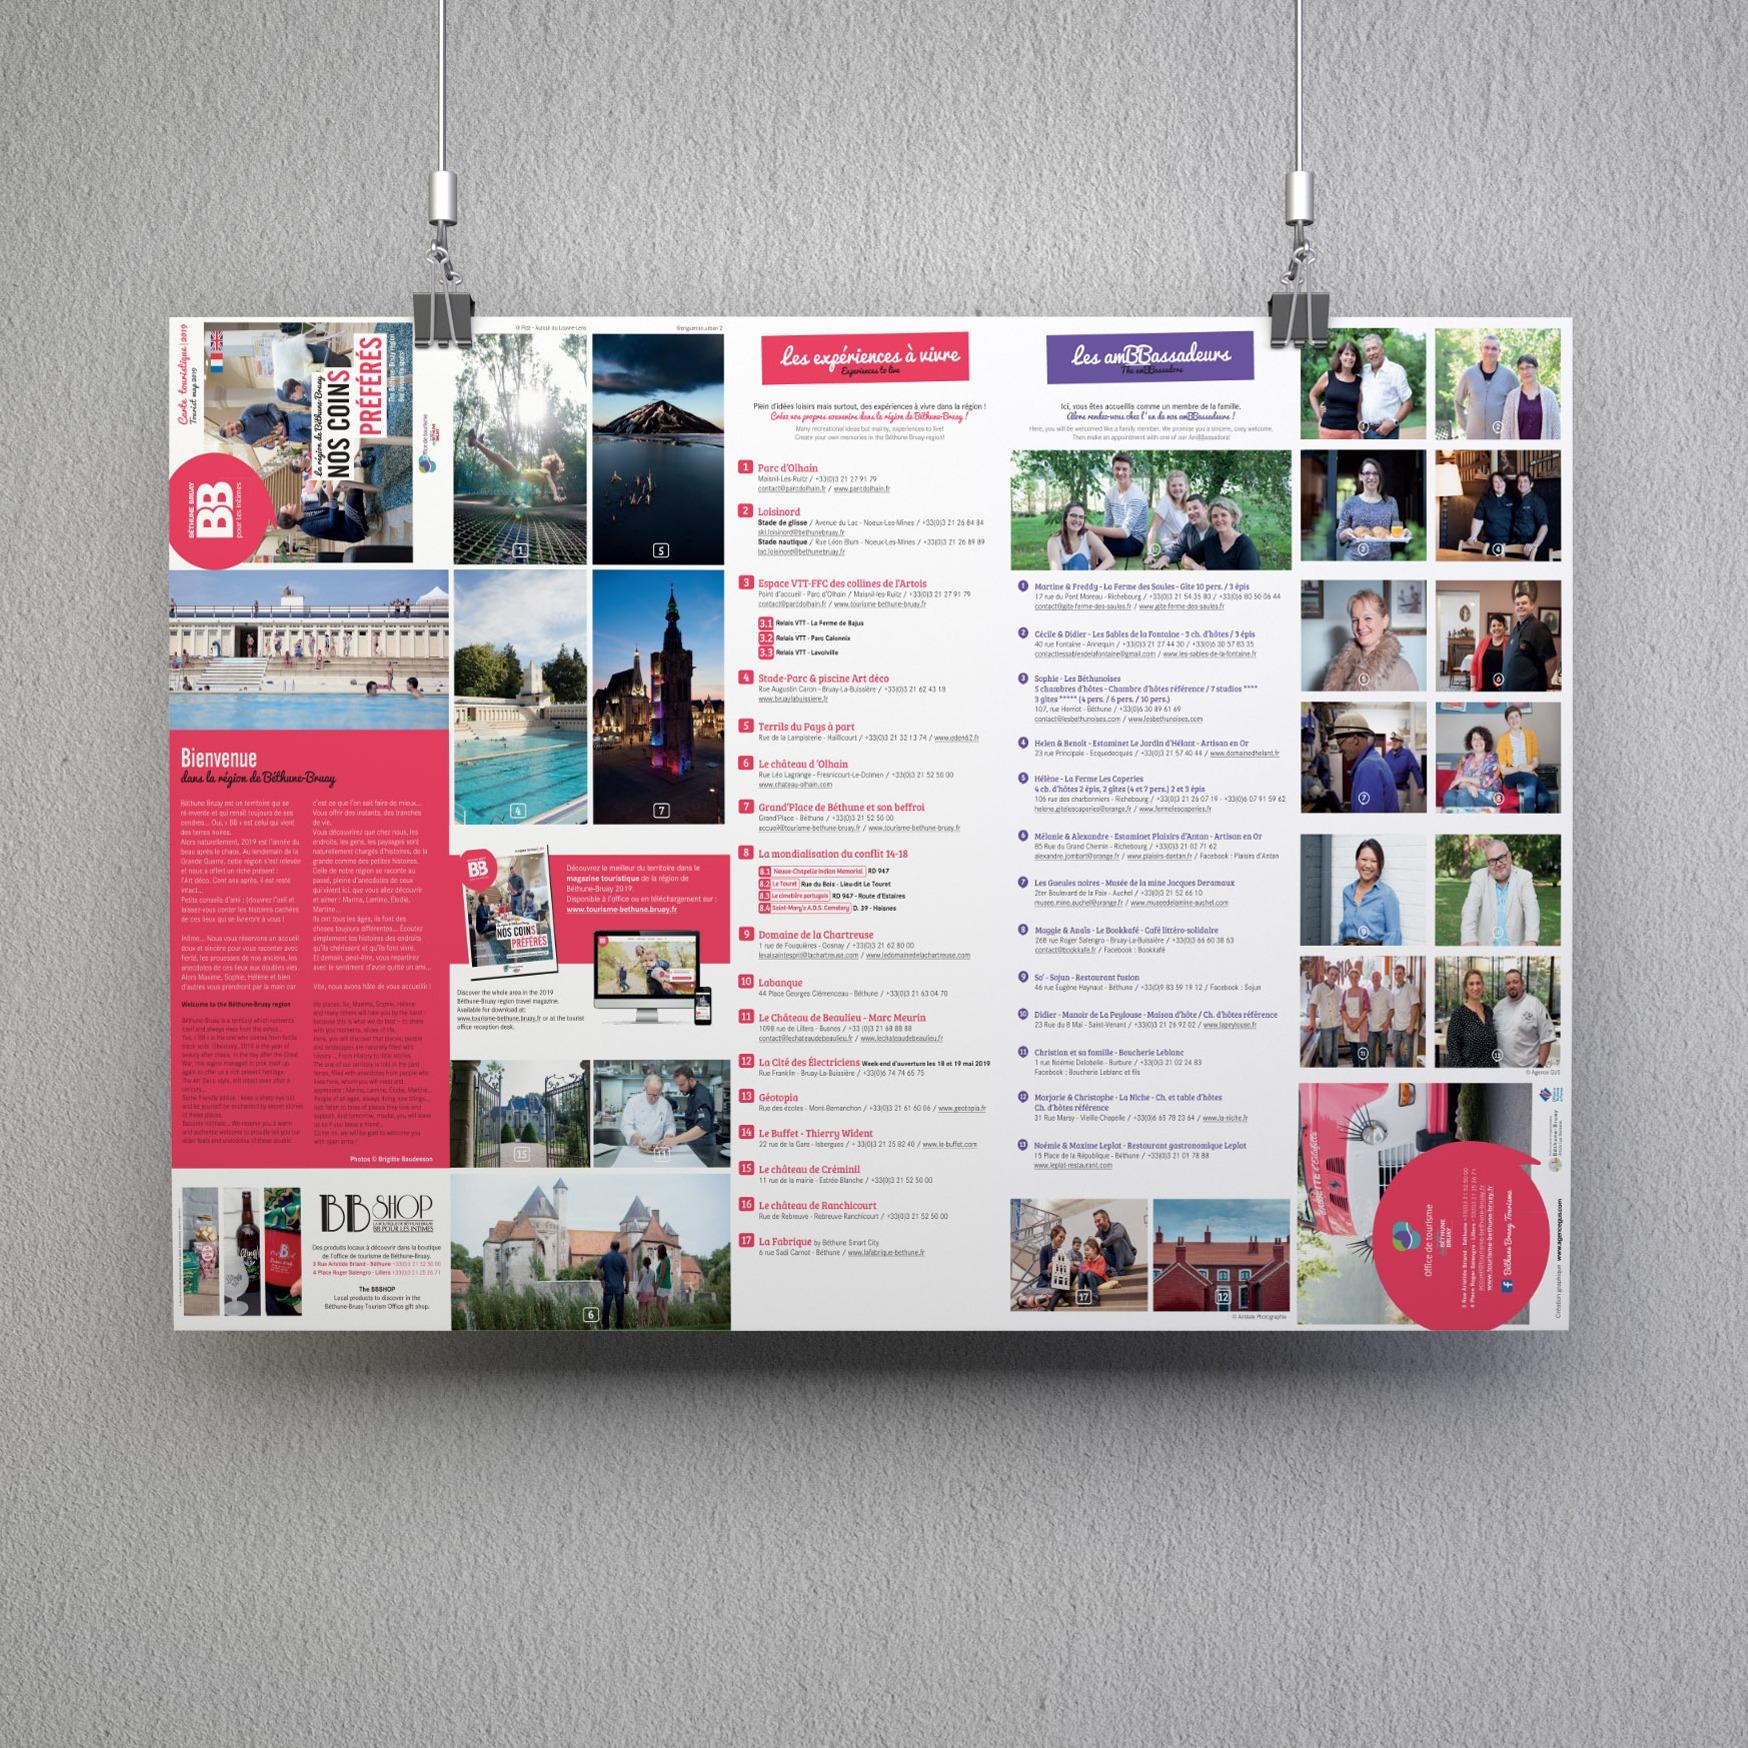 Carte touristique Béthune Bruay Tourisme 2020 - Agence GUS